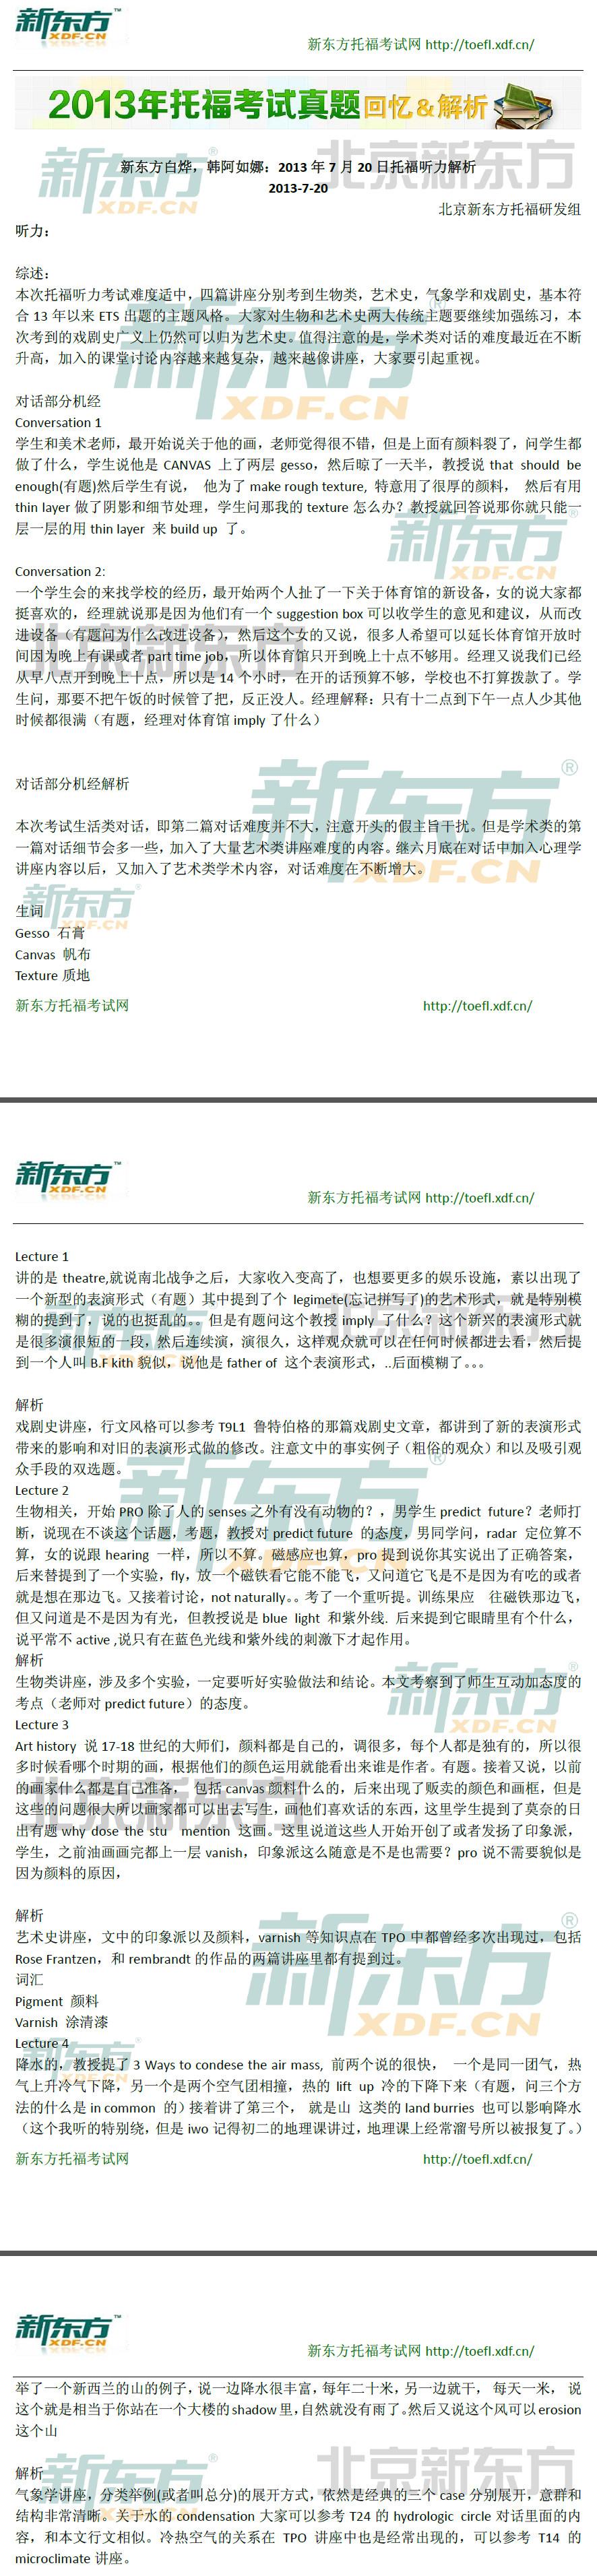 2013年7月20日托福考试真题下载最新资源分享。